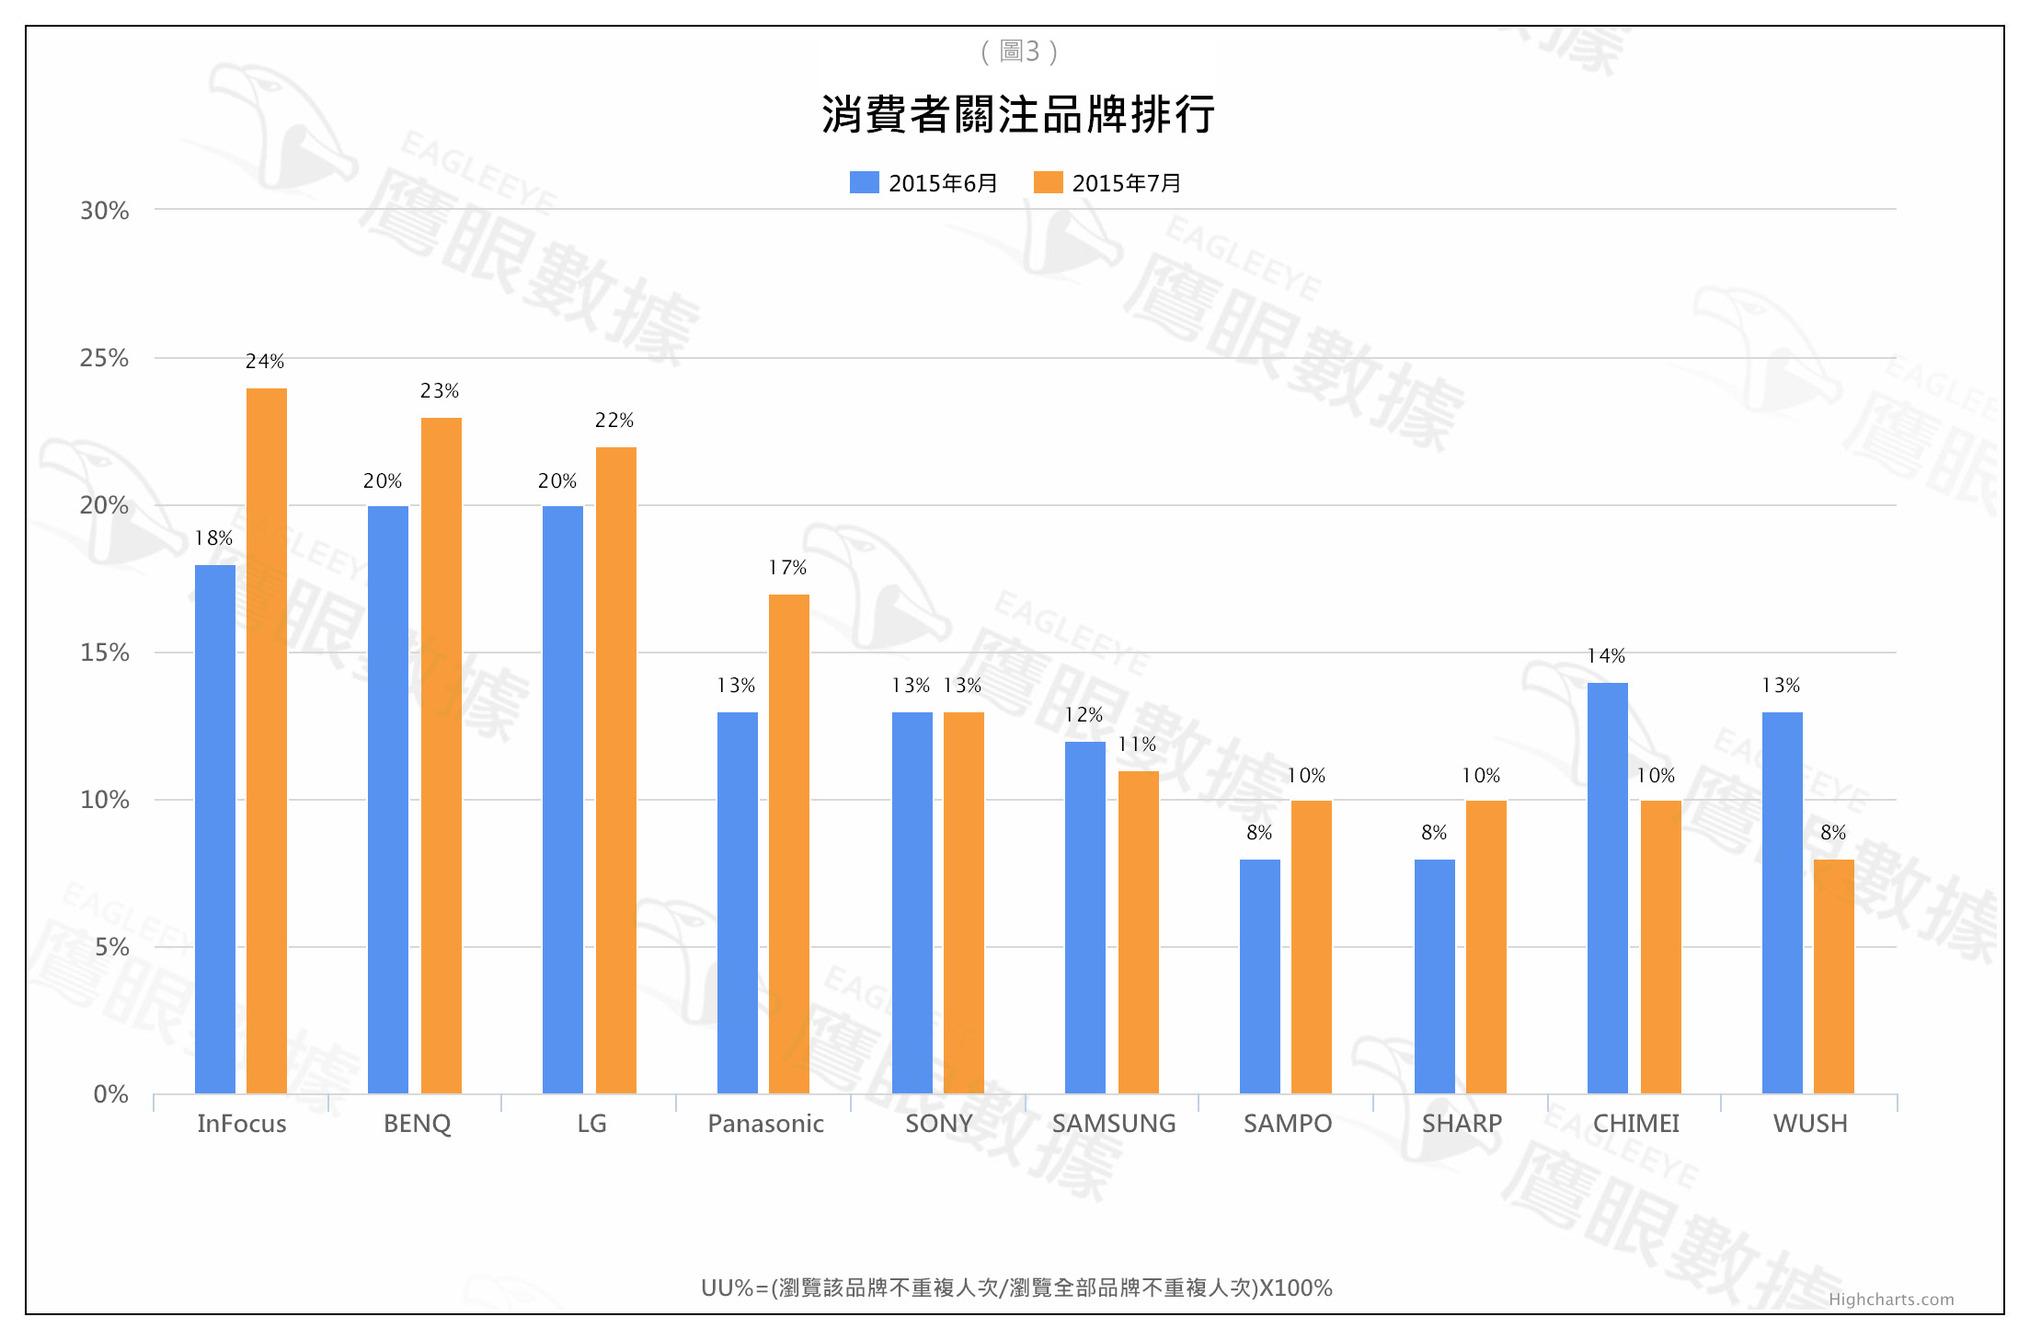 〈2015年7月〉台灣網路消費者對「液晶電視」購買行為與通路品牌分析-EAGLEEYE鷹眼數據